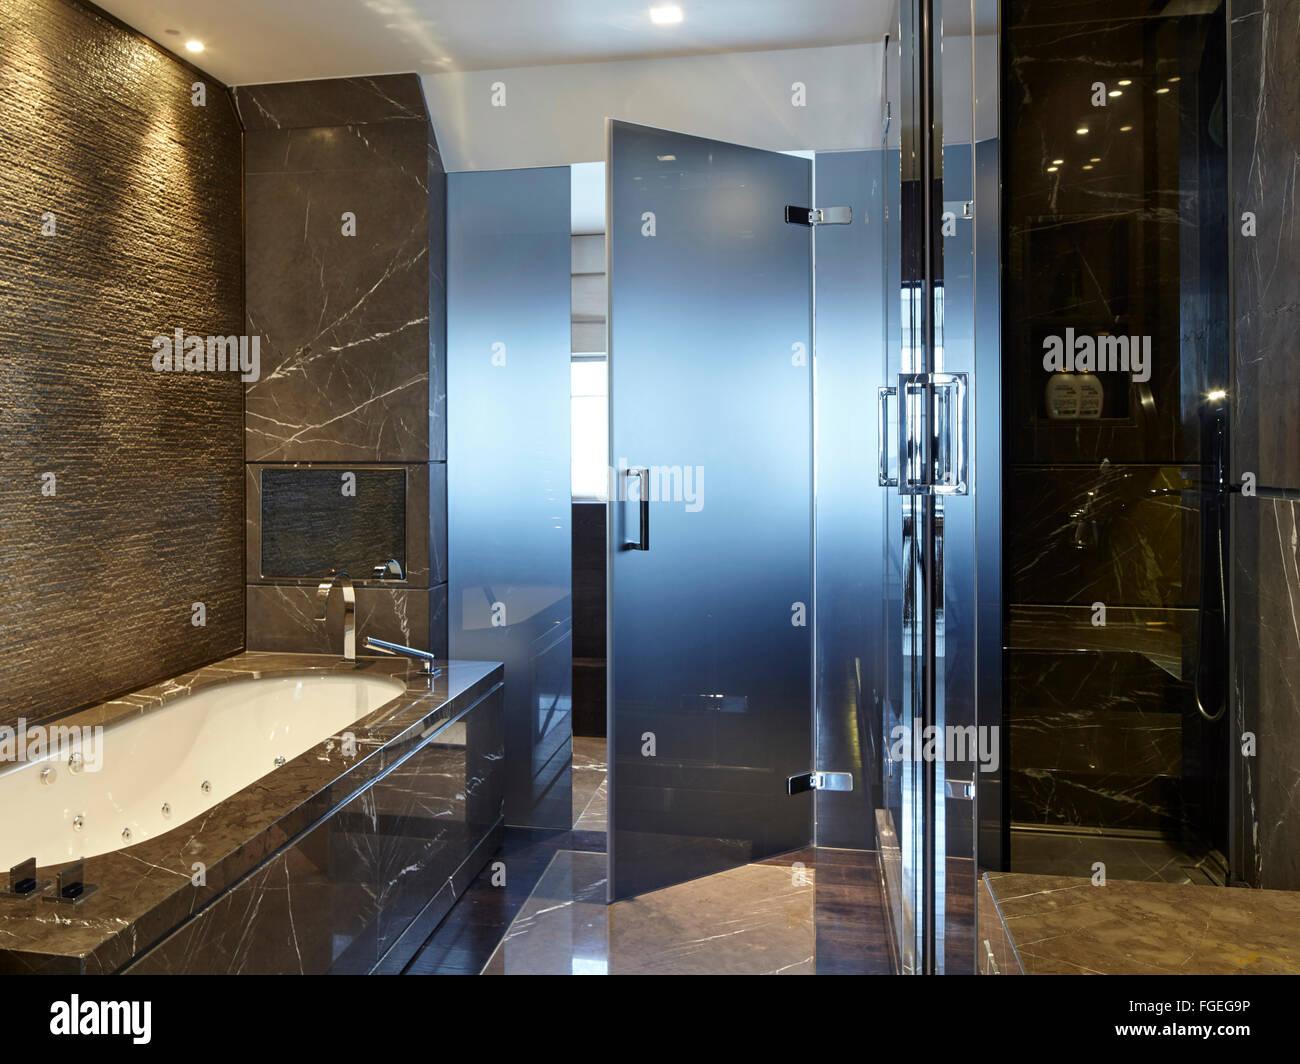 Innen Dunkel Marmor Badezimmer Mit Badewanne Und Glas Tur Tudor